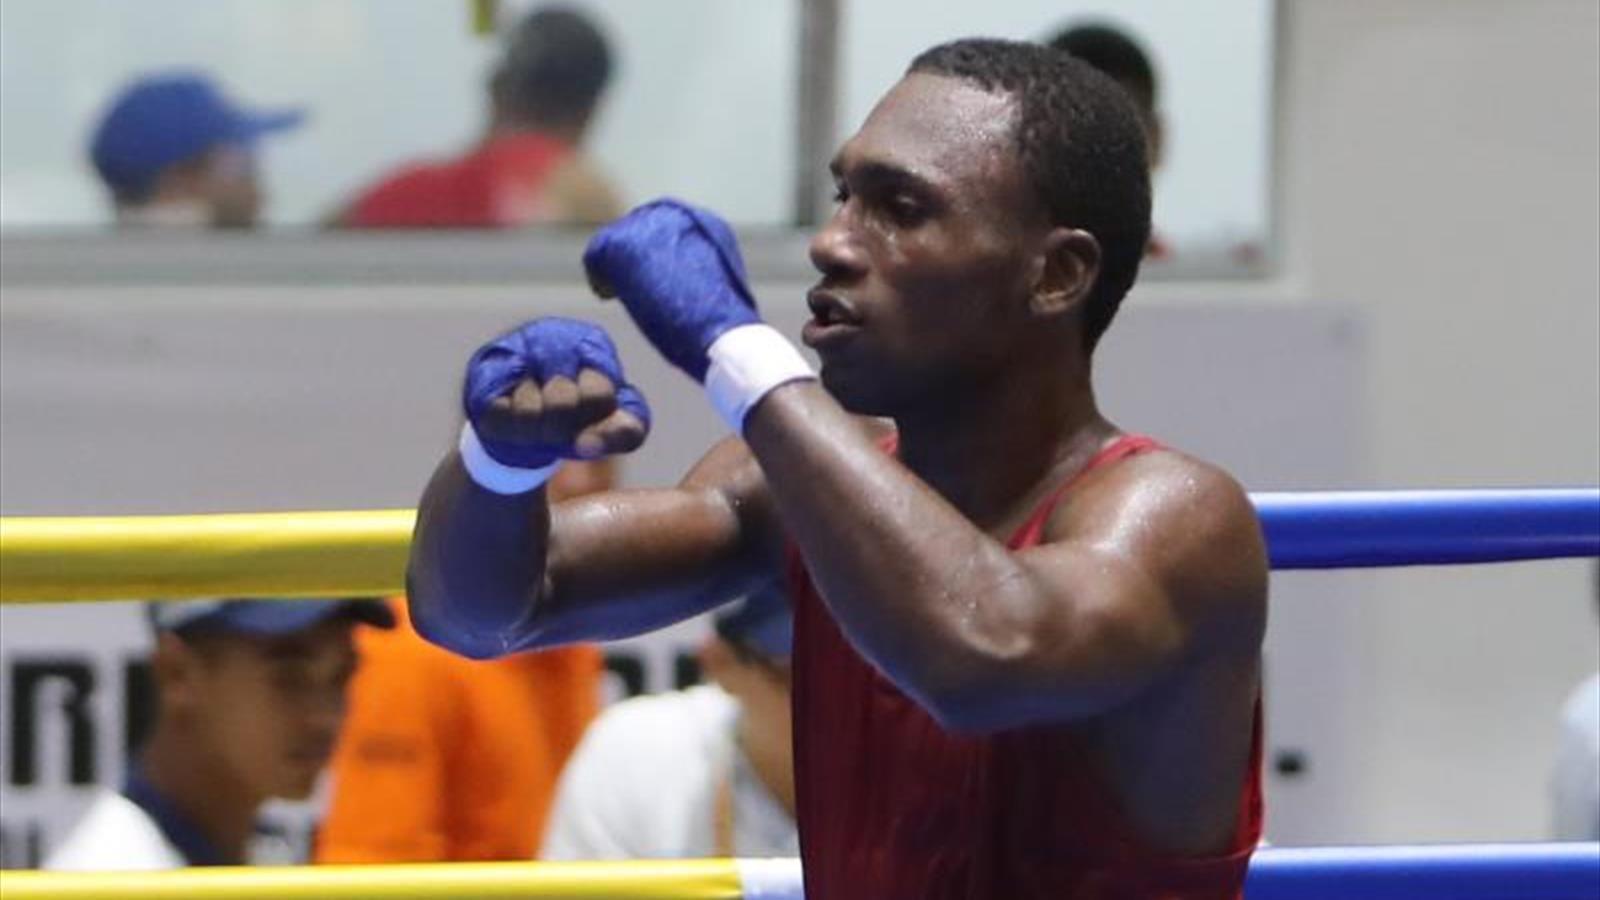 La Federación Ecuatoriana de Boxeo anunció que seis de sus boxeadores lograron clasificarse para los Juegos Panamericanos de Lima 2019